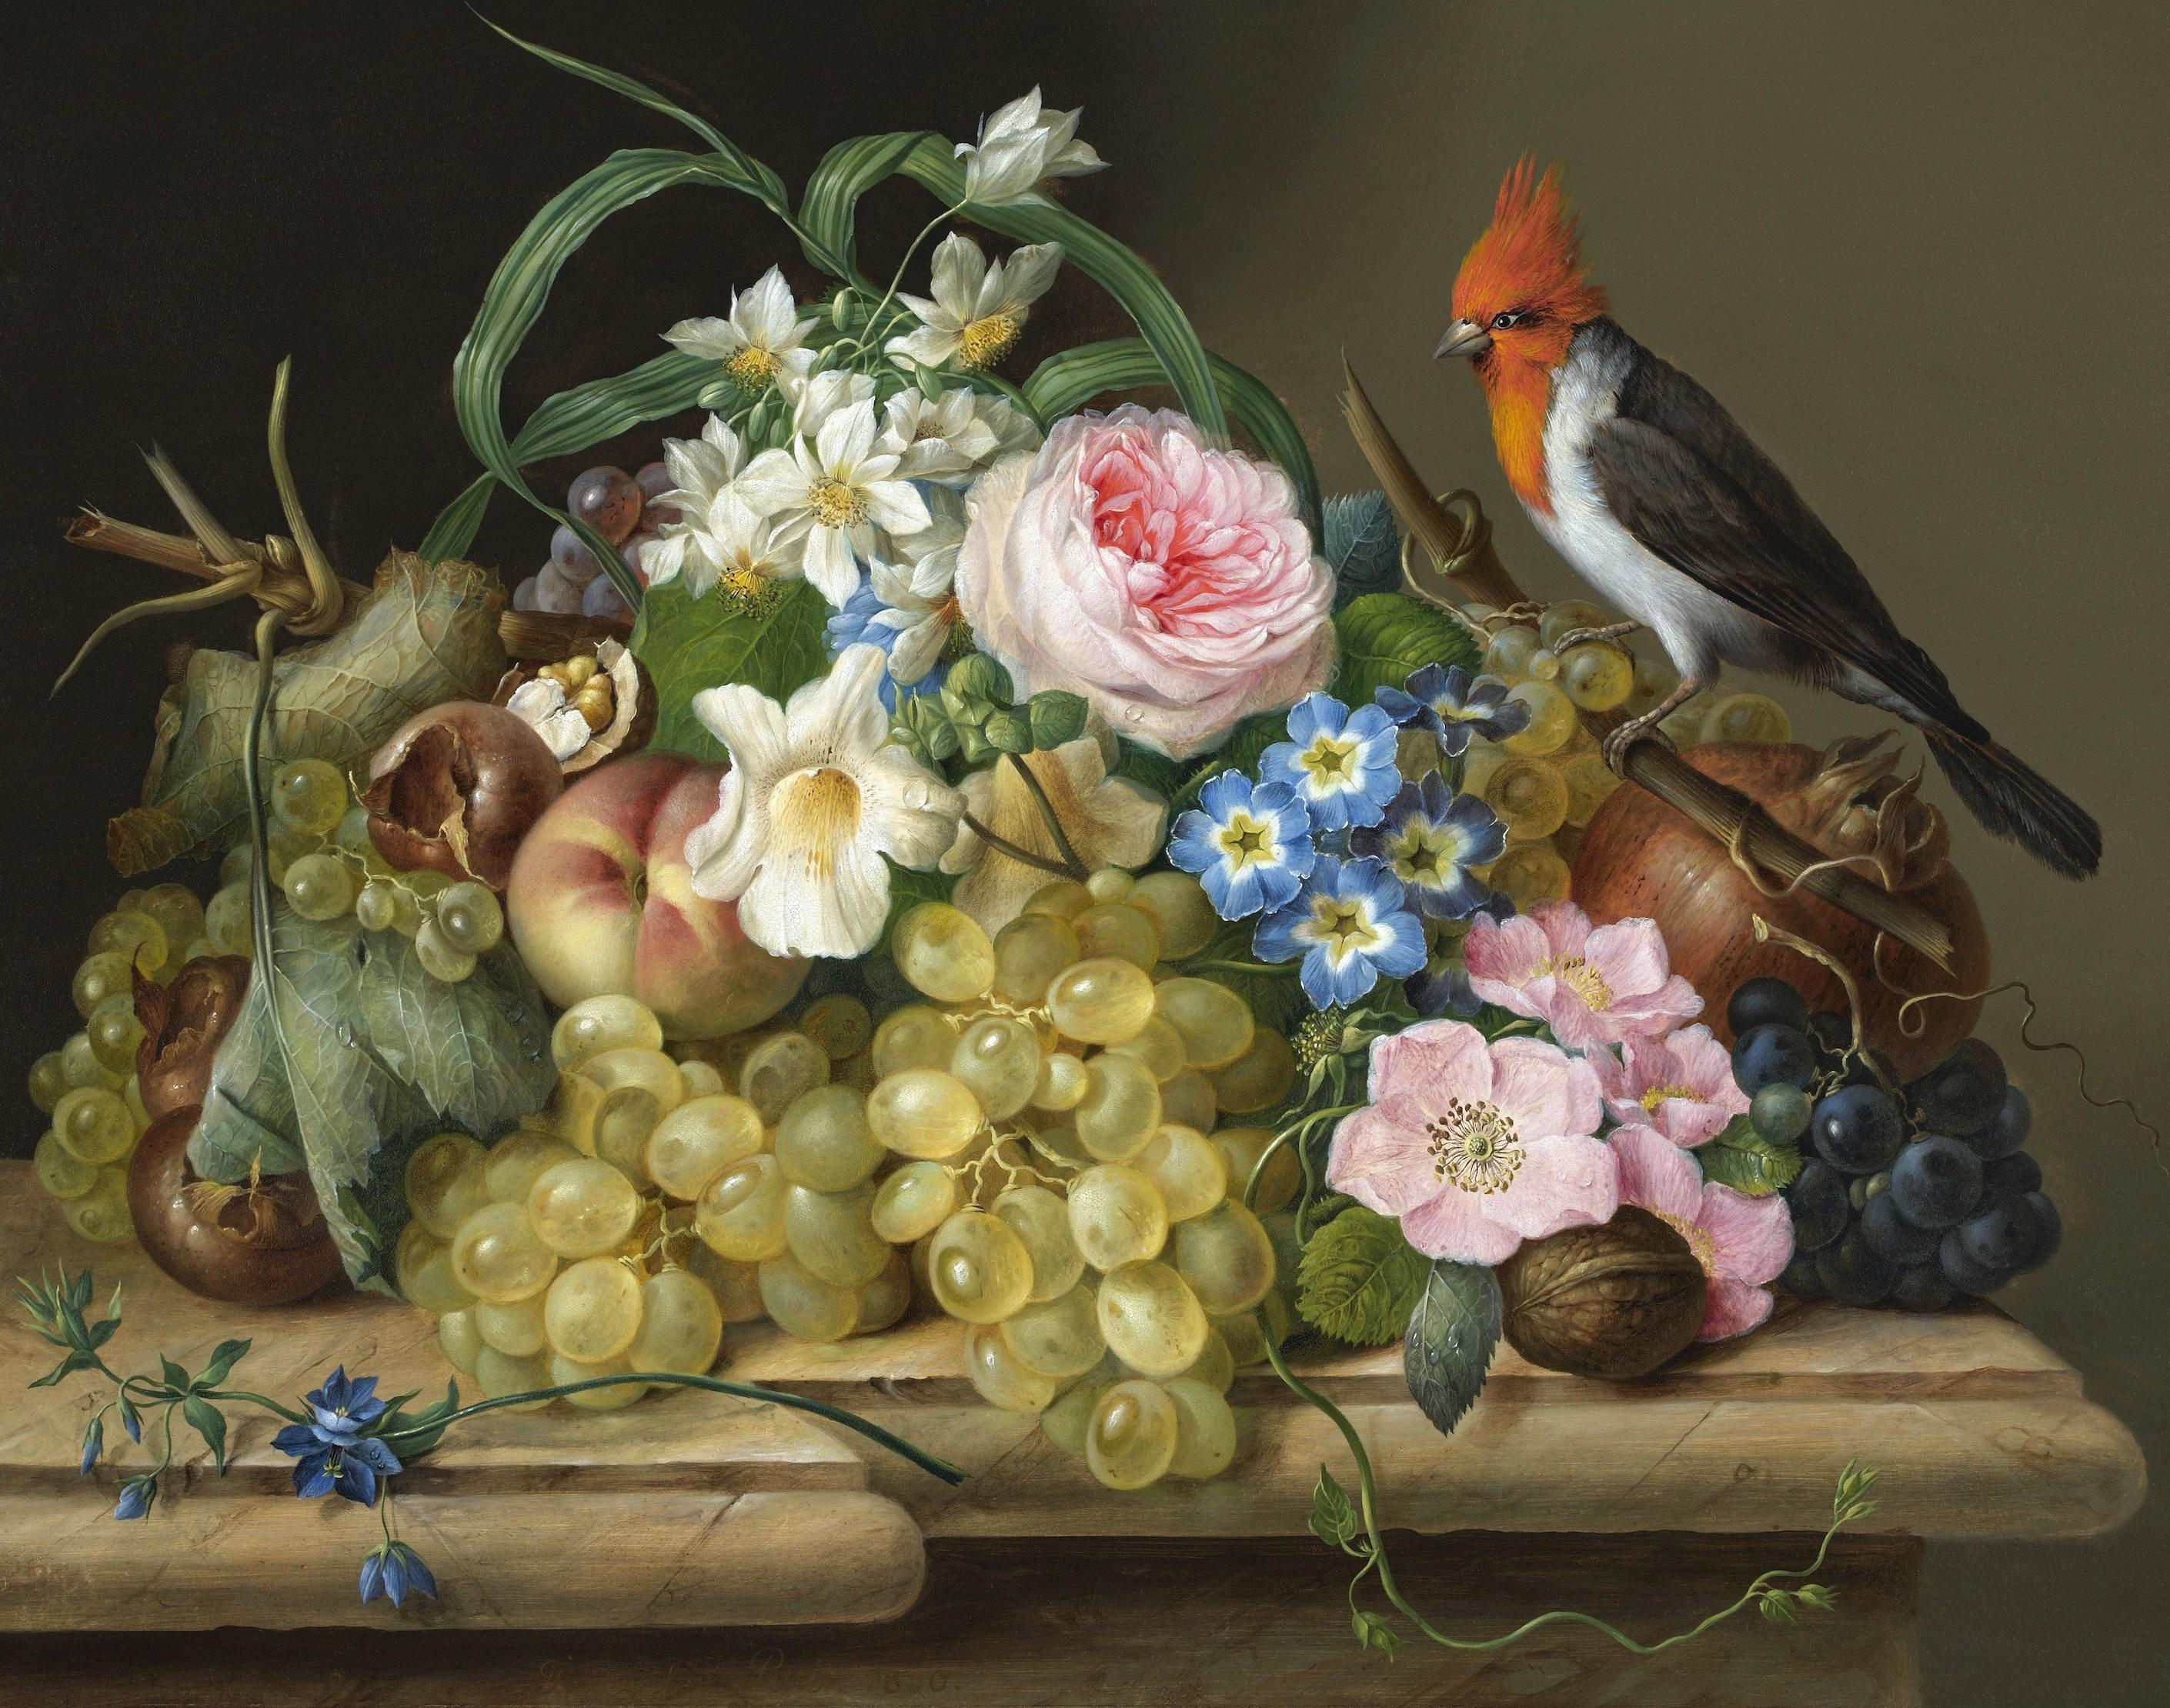 цветочный и фруктовый натюрморт доставки элитных